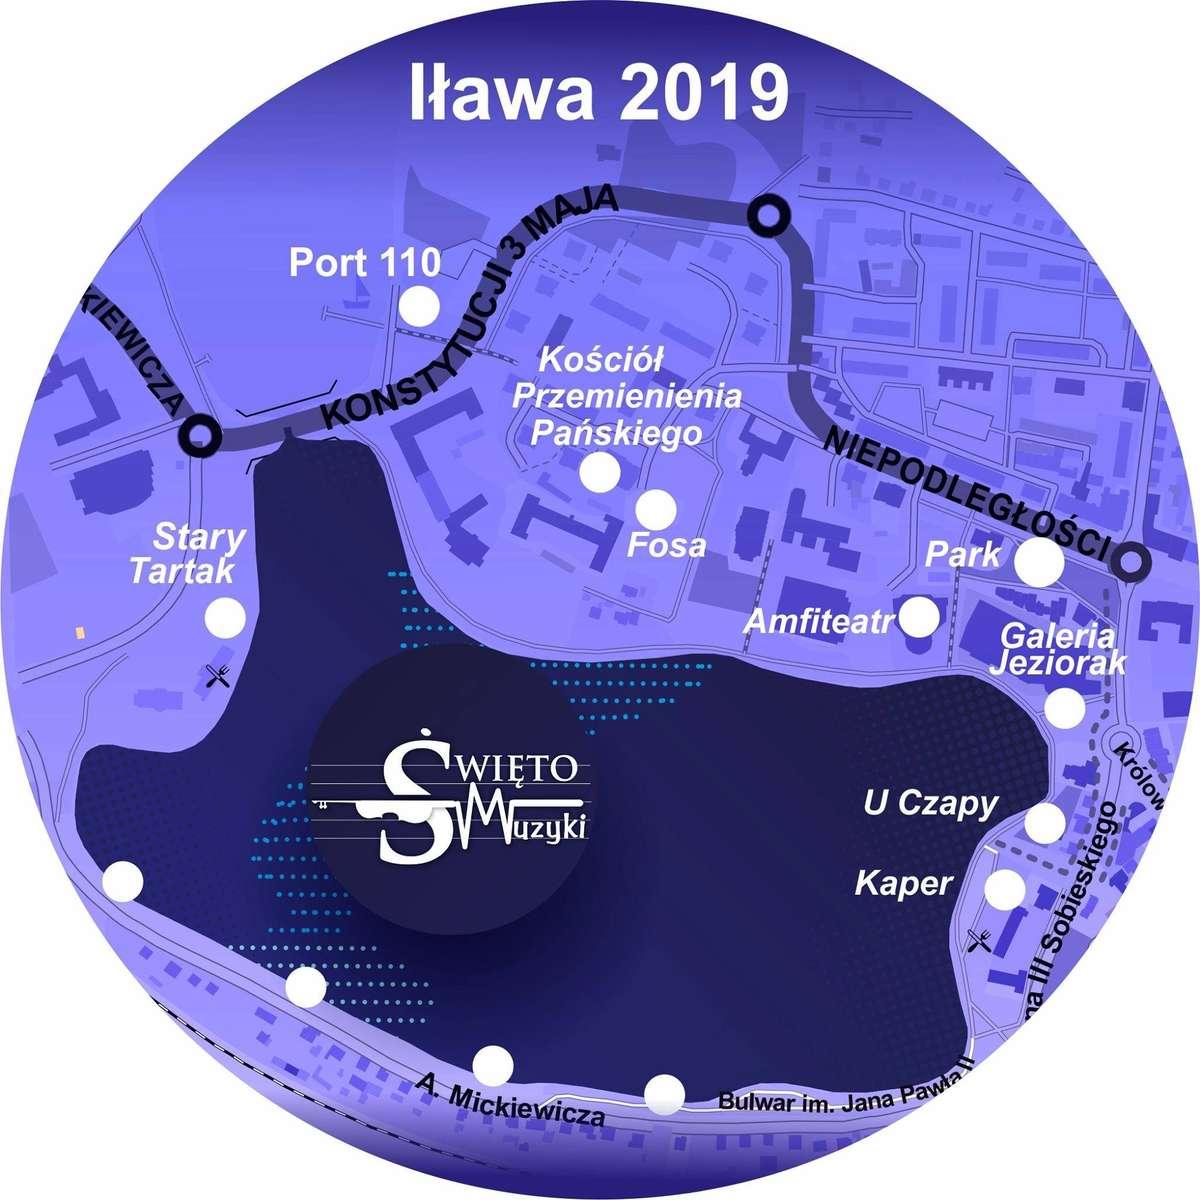 Na mapie zaprezentowano część punktów, w których będą odbywały się występy w czasie Święta Muzyki - full image